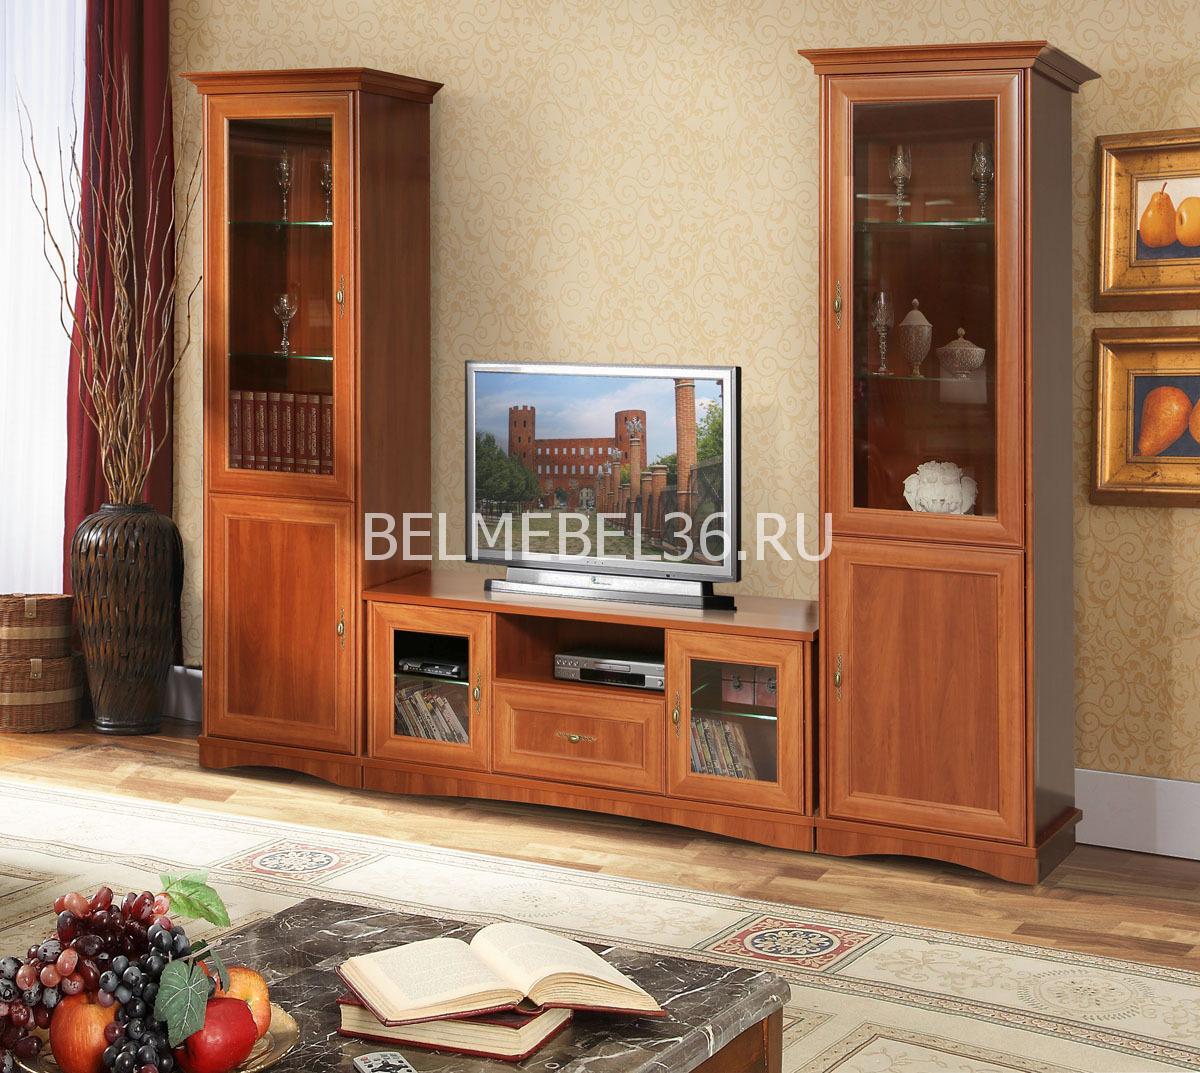 Гостиная Турин (П-036.10,П-036.21,П-036.12) | Белорусская мебель в Воронеже